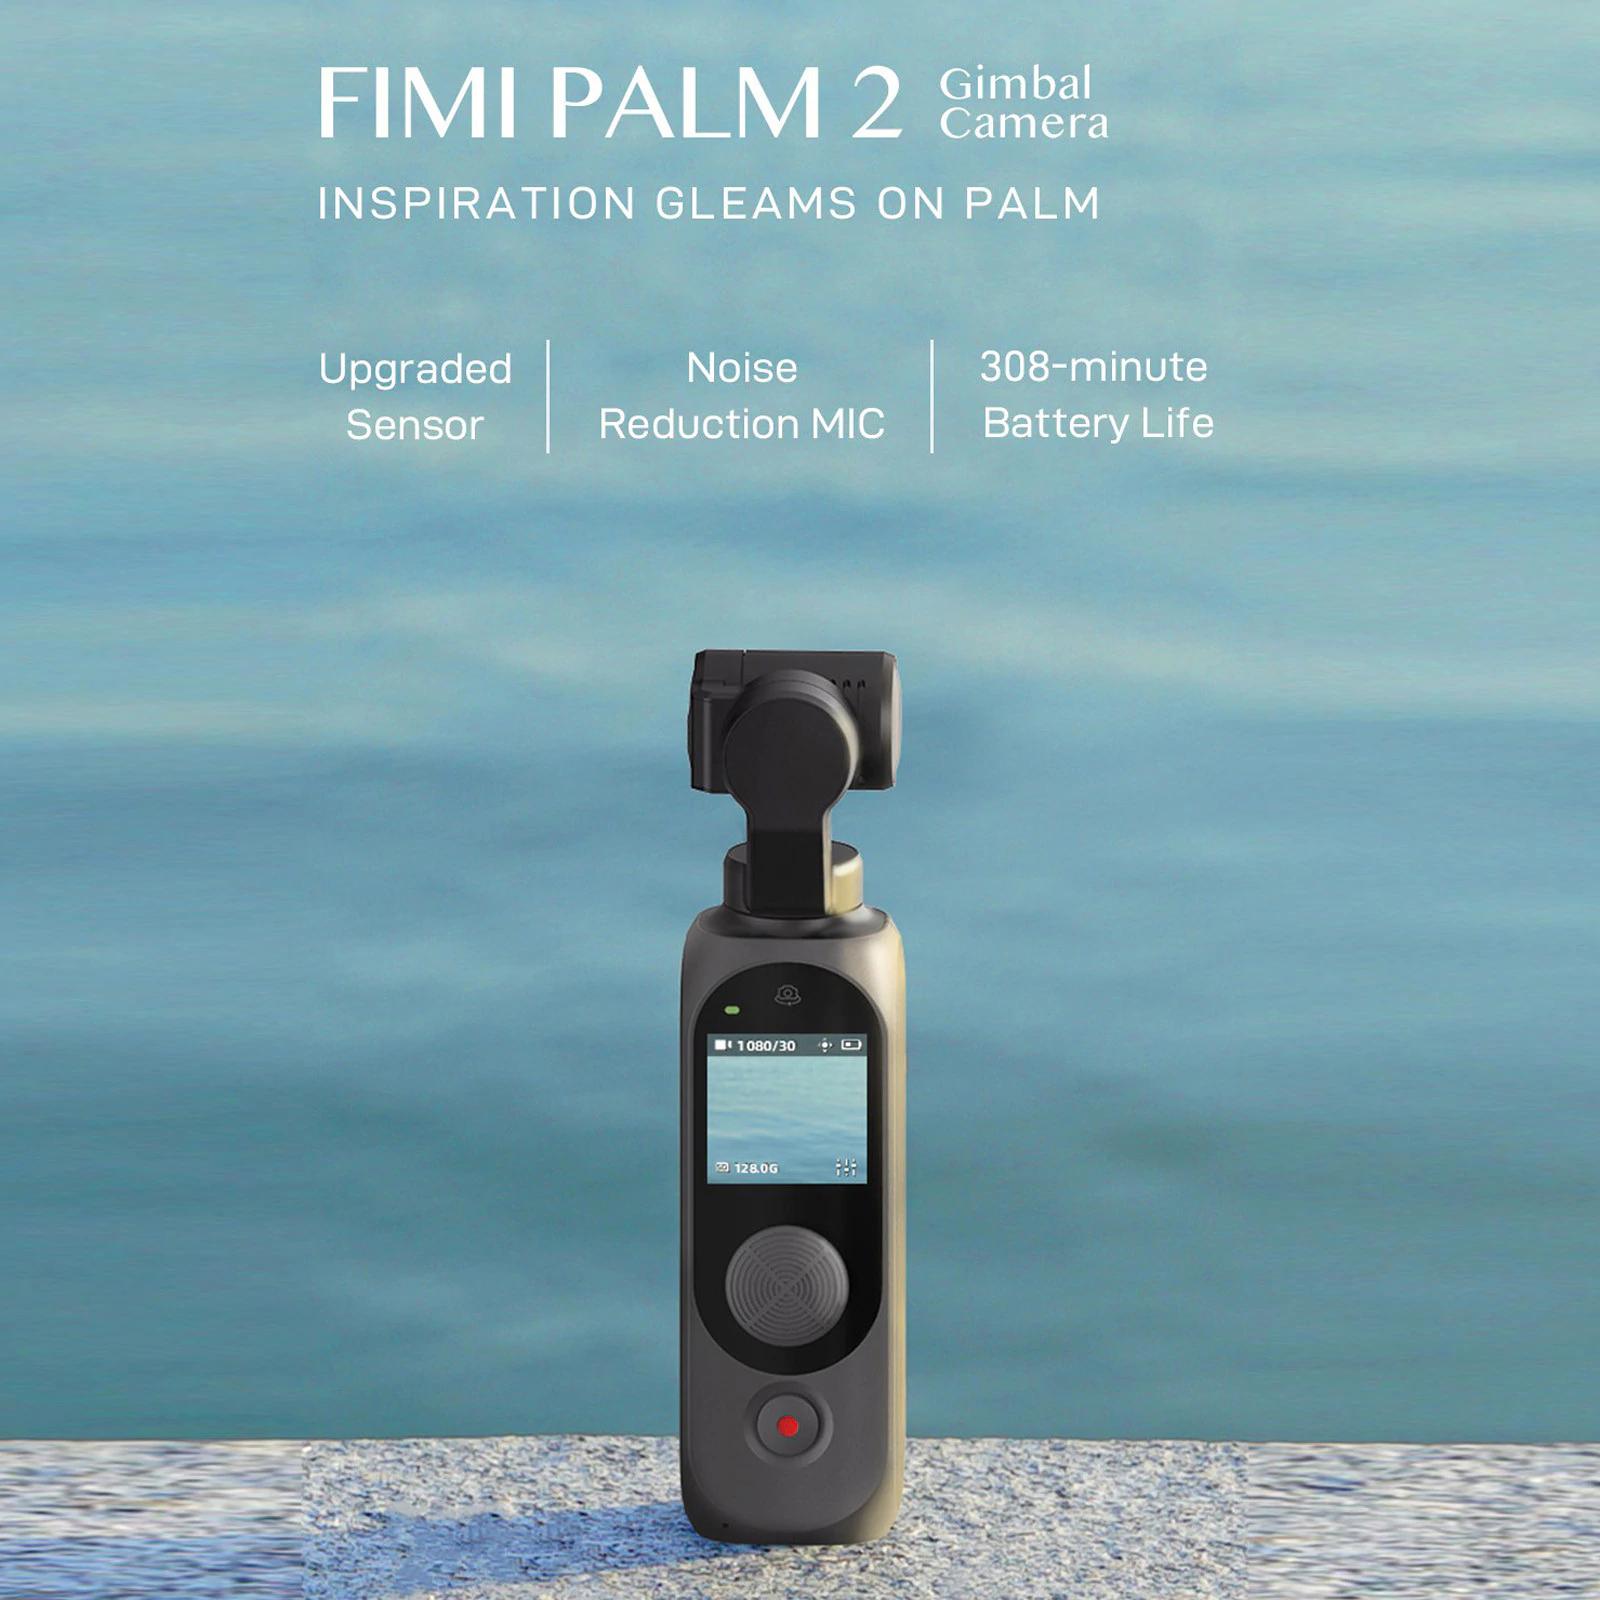 Xiaomi FIMI Palm 2 Gimbal Camera - darmowa dostawa z Magazynu w Polsce -190,84 USD